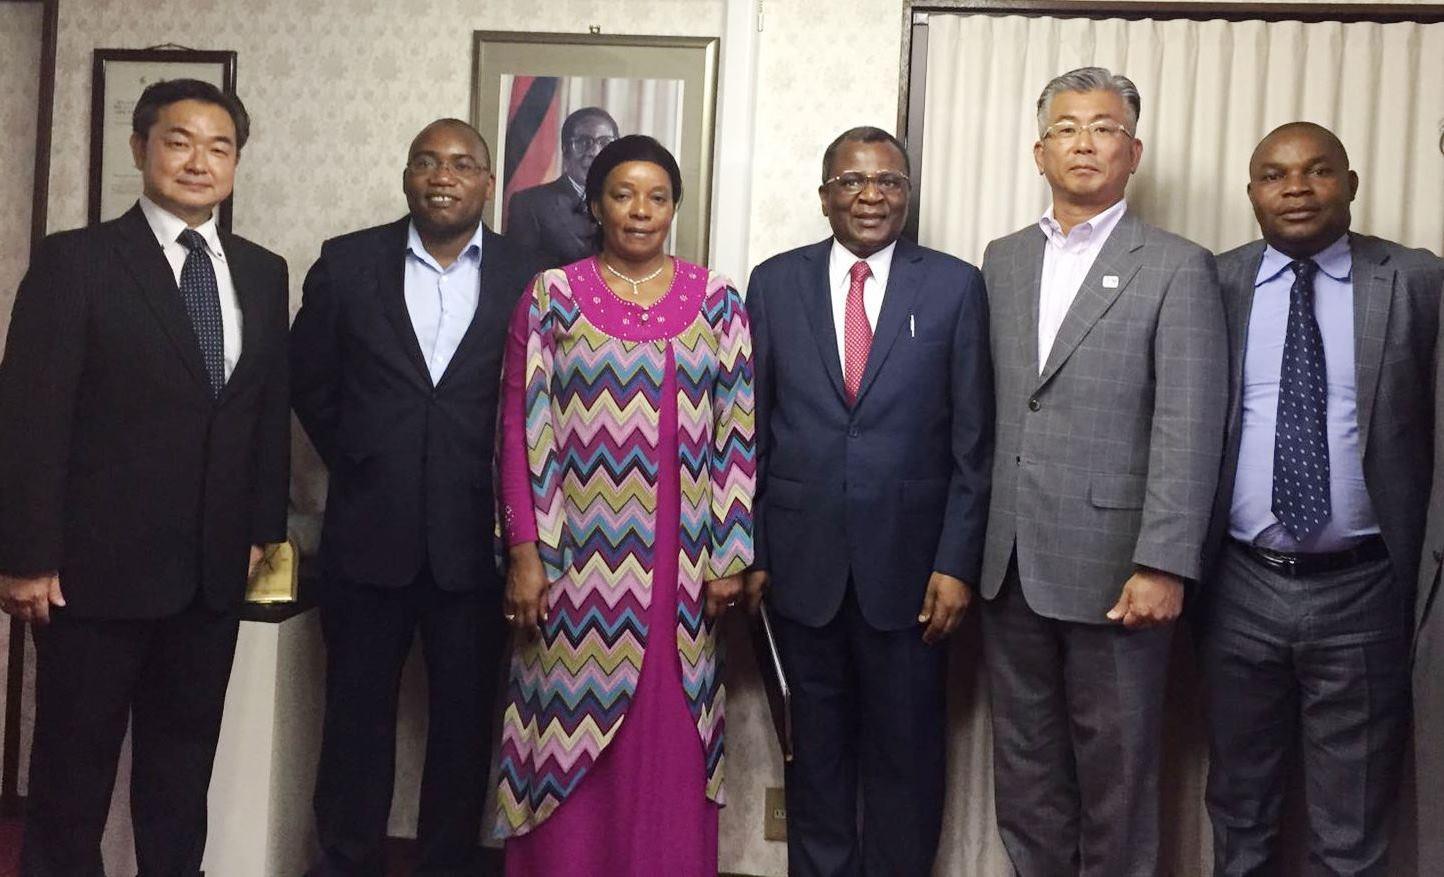 ビジネスパートナー提携合意書は9月半ば、在日ジンバブエ大使館で締結された。左から栗山自動車の中嶋謙次係長、タオナ・ハバデ参事官、タブカのデュベCEO、ロイド・シトーレ参事官、栗山自動車の栗山義広社長、マシャヤモンベ議員